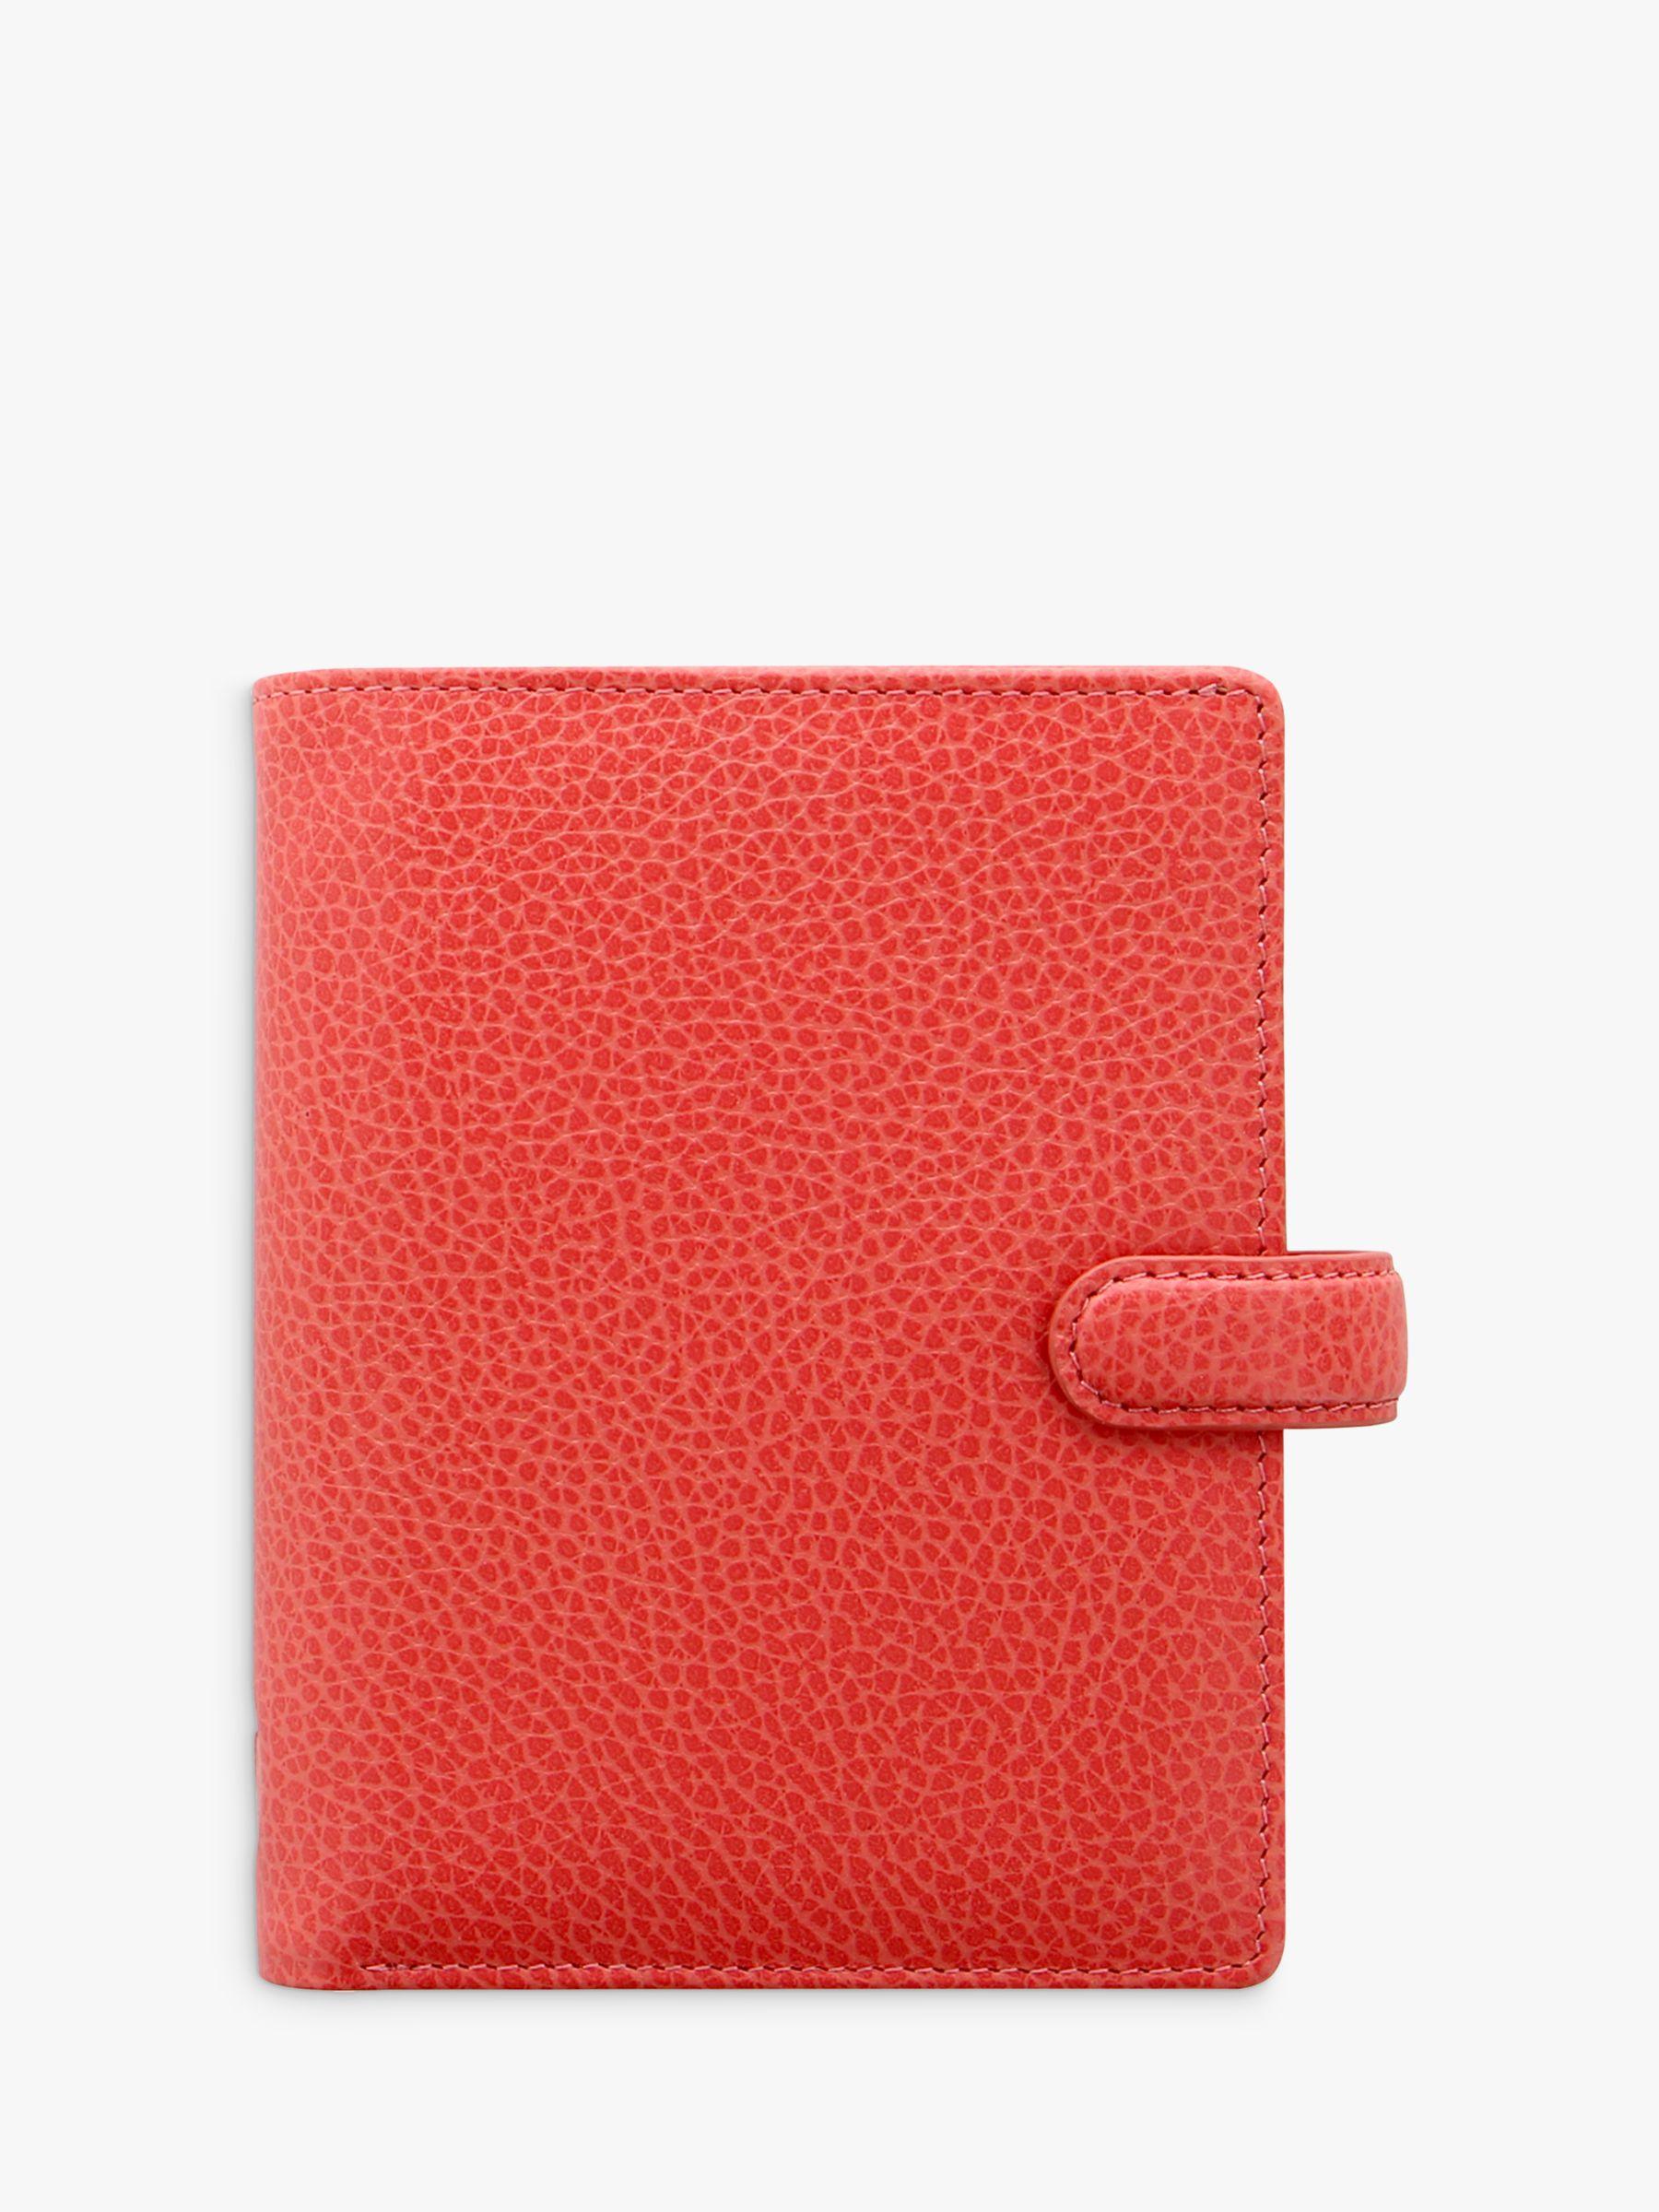 Filofax Filofax Finsbury Leather Pocket Organiser, Coral